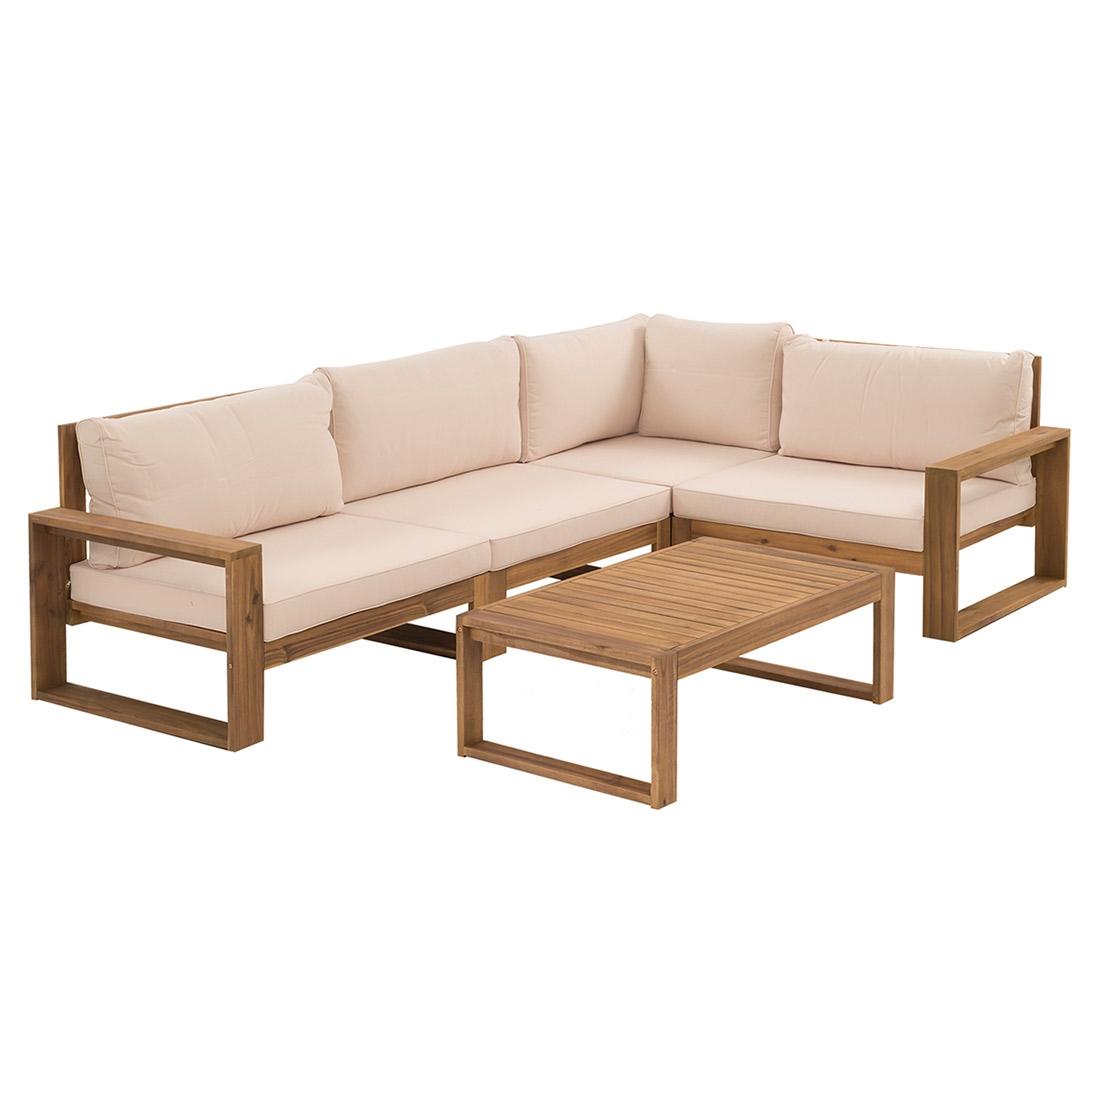 Full Size of Outliv Loungemöbel Garten Und Freizeitde Hochwertige Marken Gartenmbel 15 Holz Günstig Wohnzimmer Outliv Loungemöbel